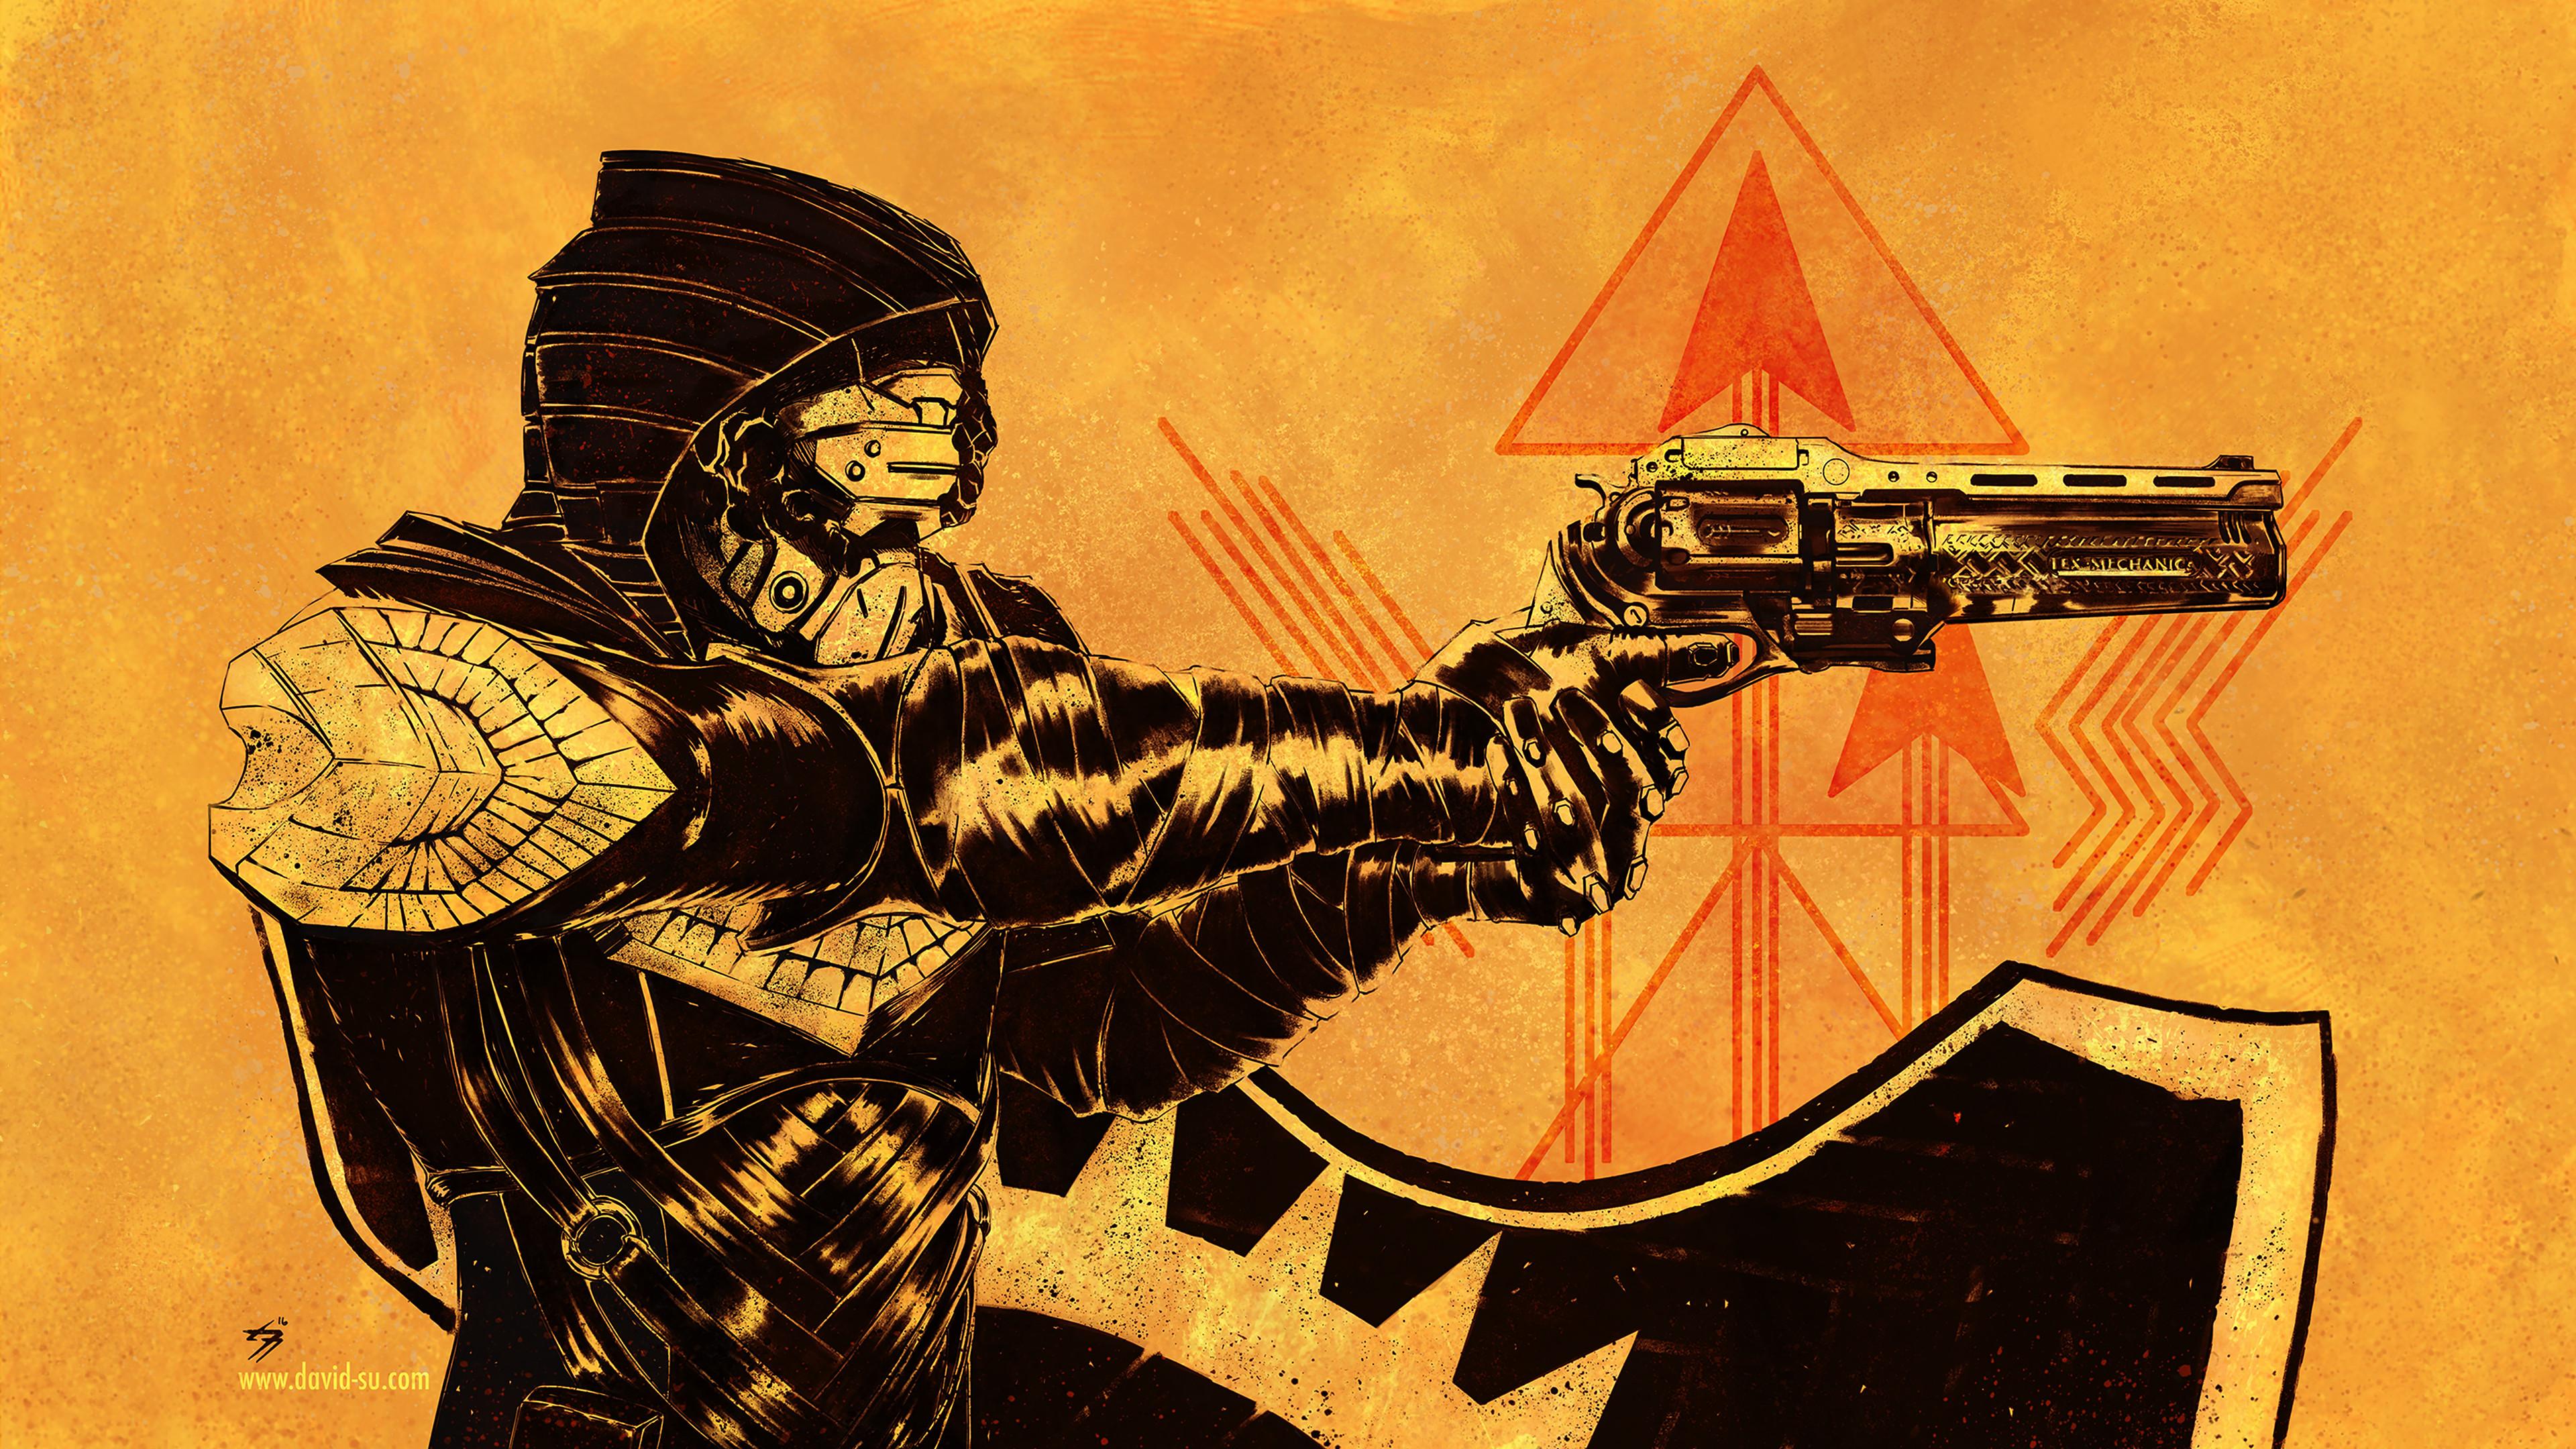 destiny 2 golden gun 4k 1558221215 - Destiny 2 Golden Gun 4k - hd-wallpapers, games wallpapers, destiny 2 wallpapers, 4k-wallpapers